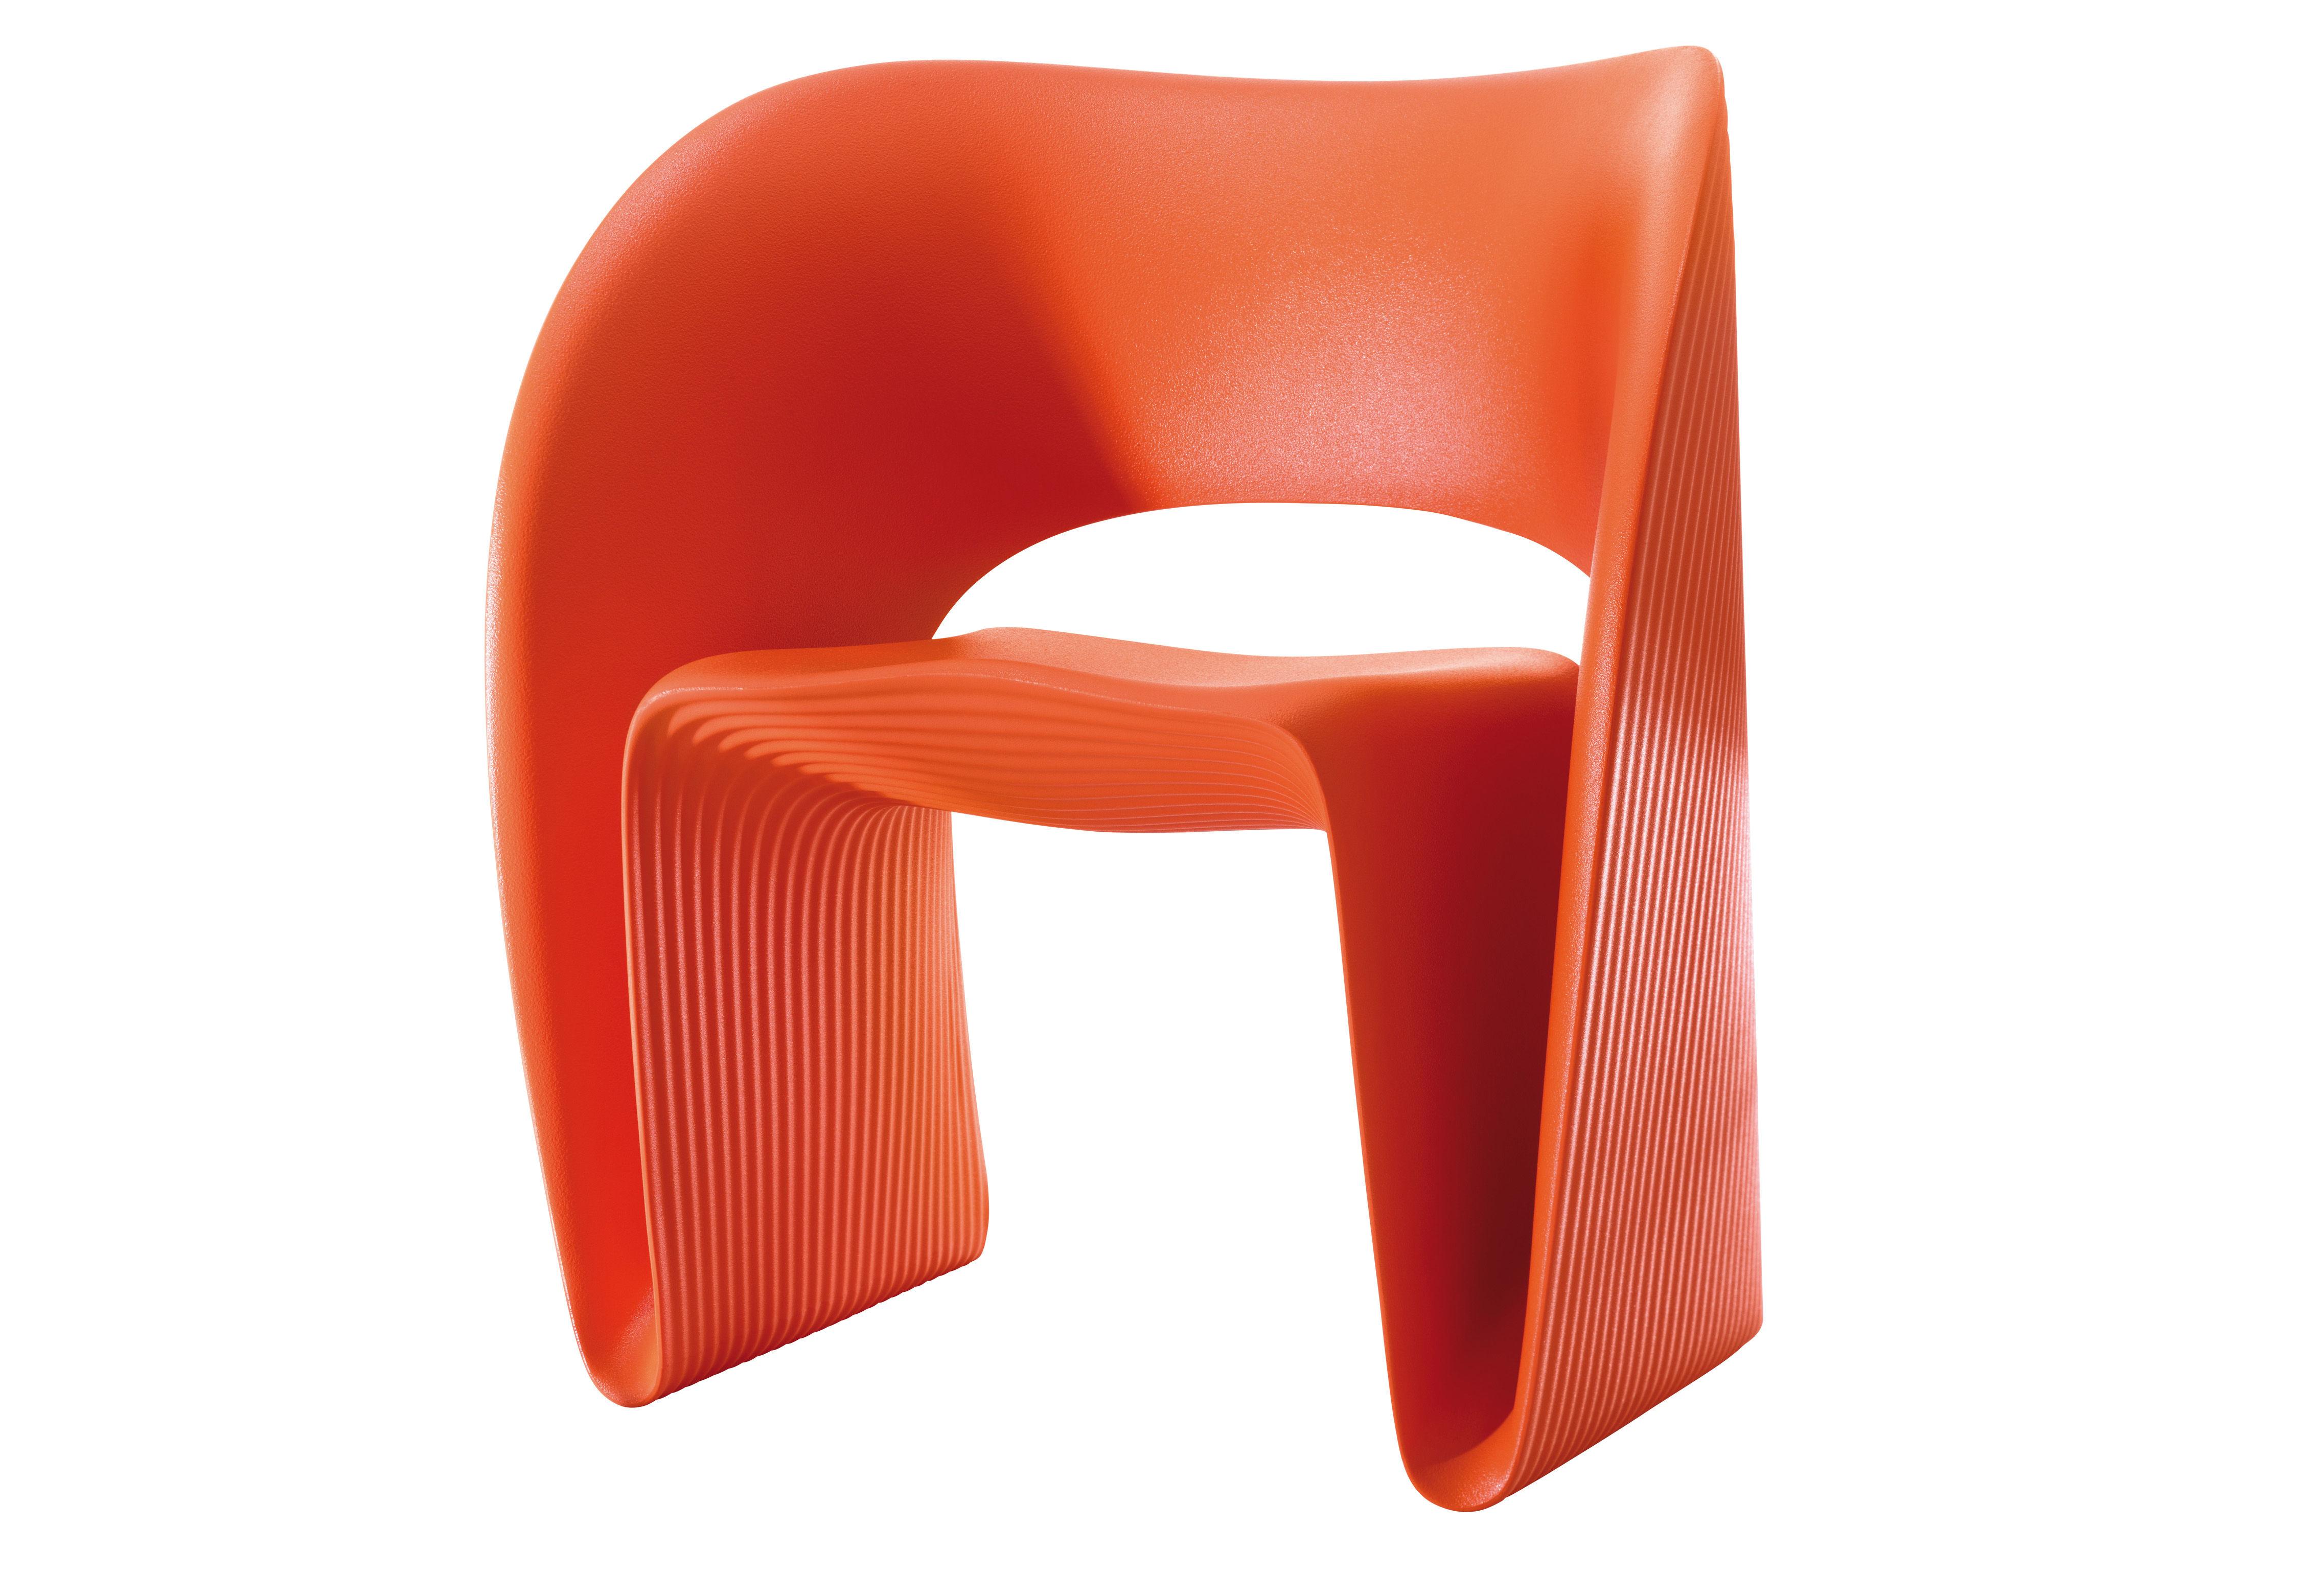 Mobilier - Chaises, fauteuils de salle à manger - Fauteuil Raviolo / Plastique - Magis - Orange - Polyéthylène rotomoulé